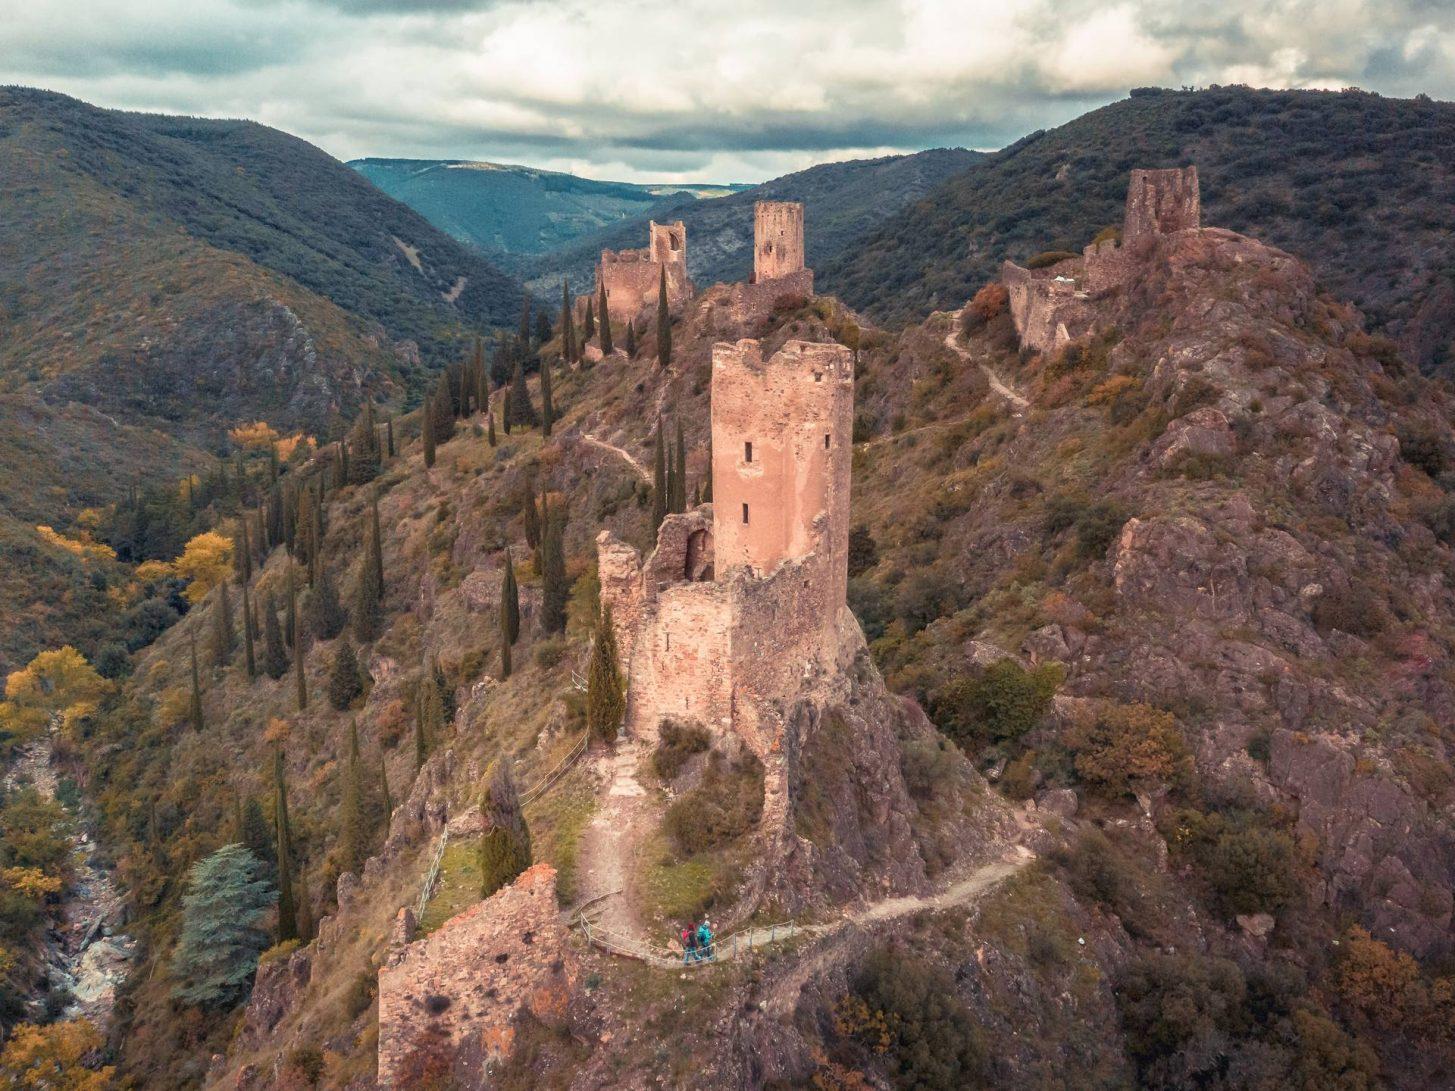 Les châteaux de Lastours gardent la vallée ©Vincent Photographie, ADT de l'Aude